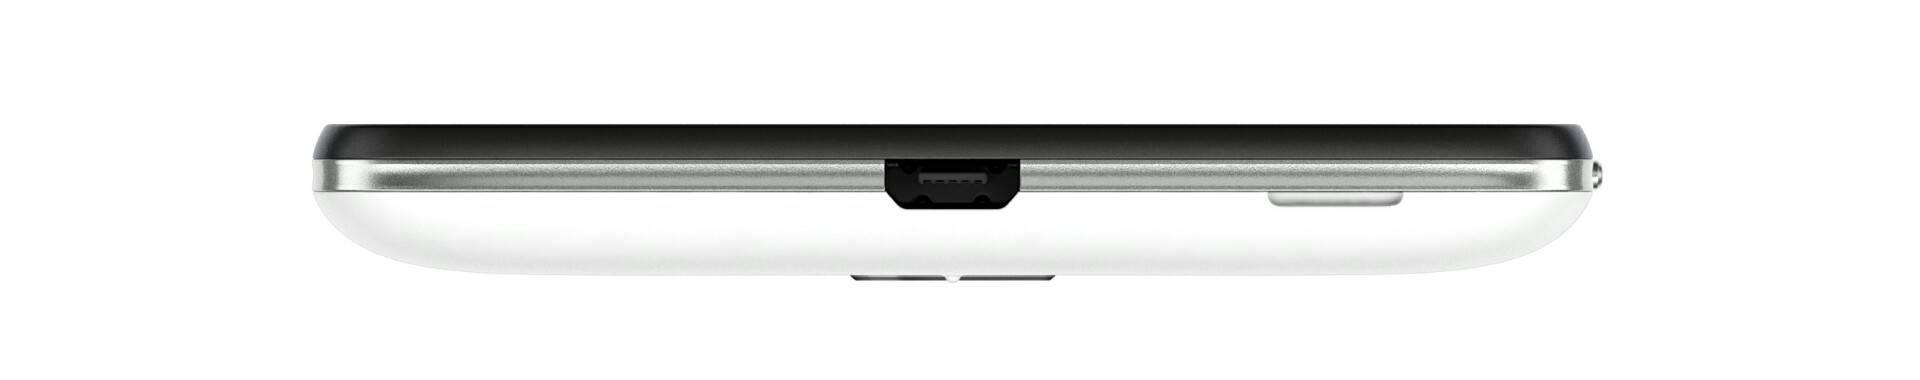 Acer Liquid Zest abs Zest 4G 14